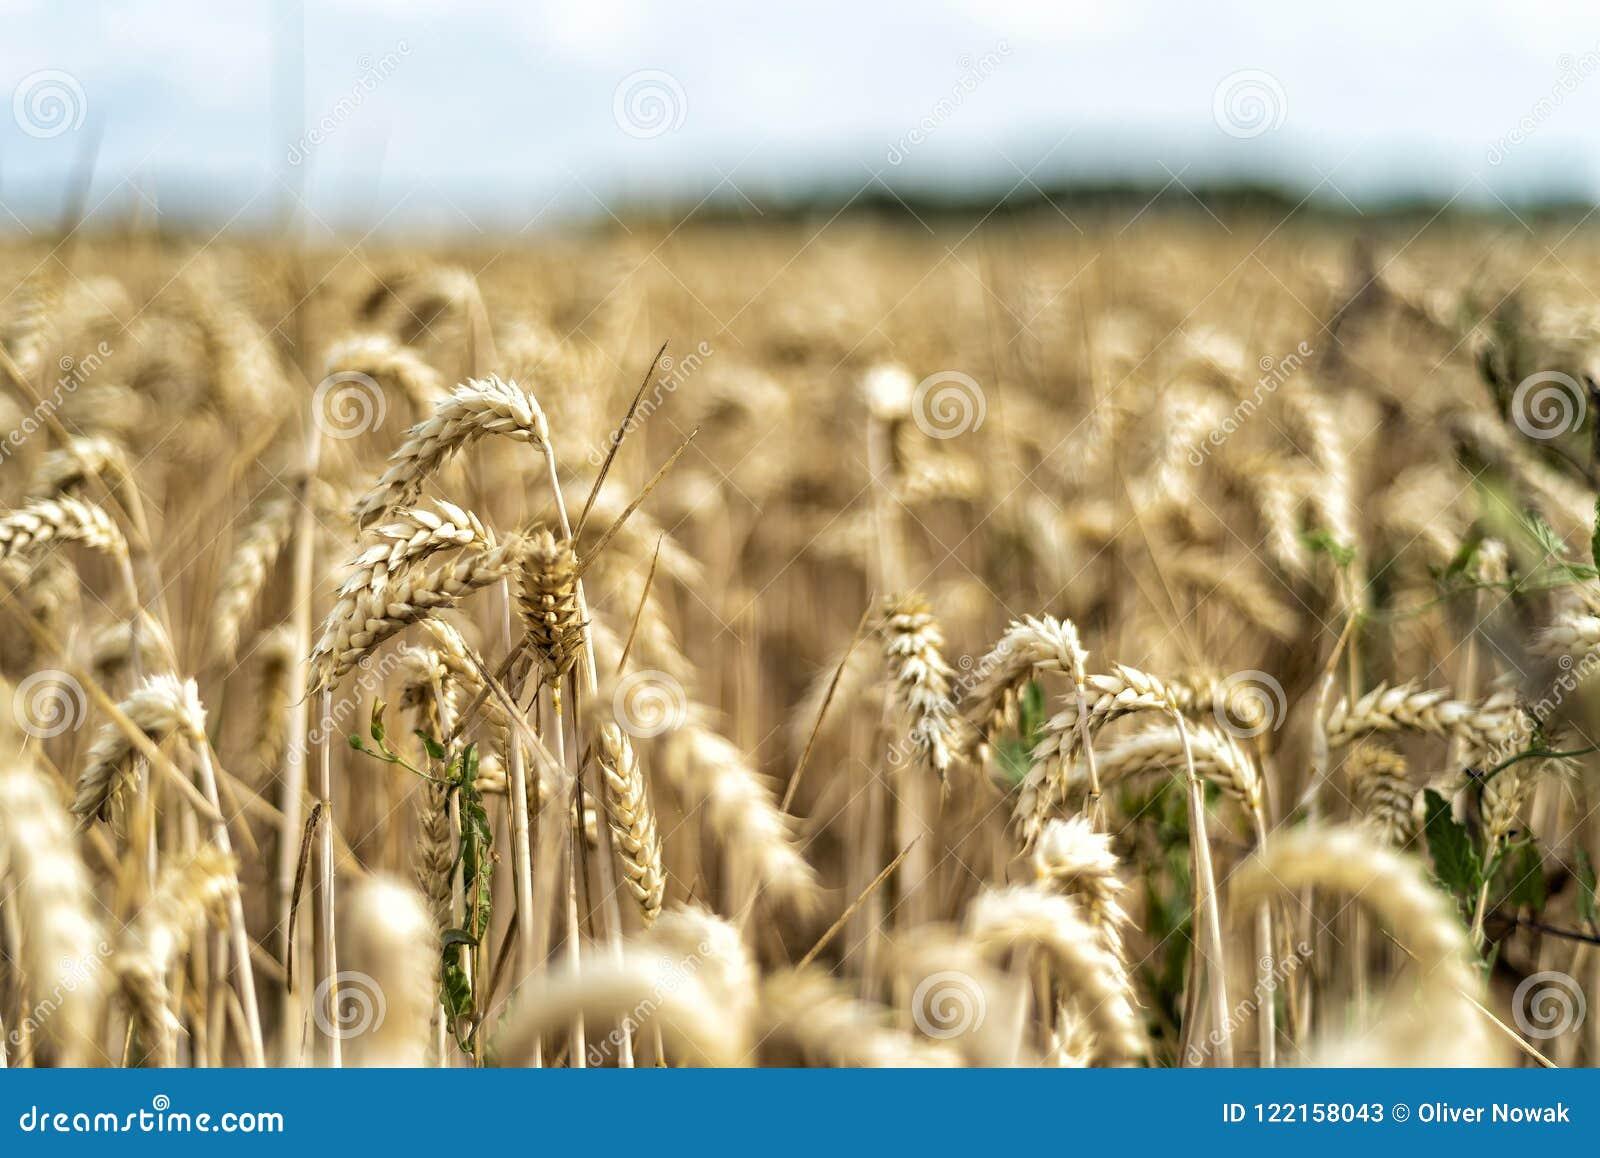 Grain on a field in Europe